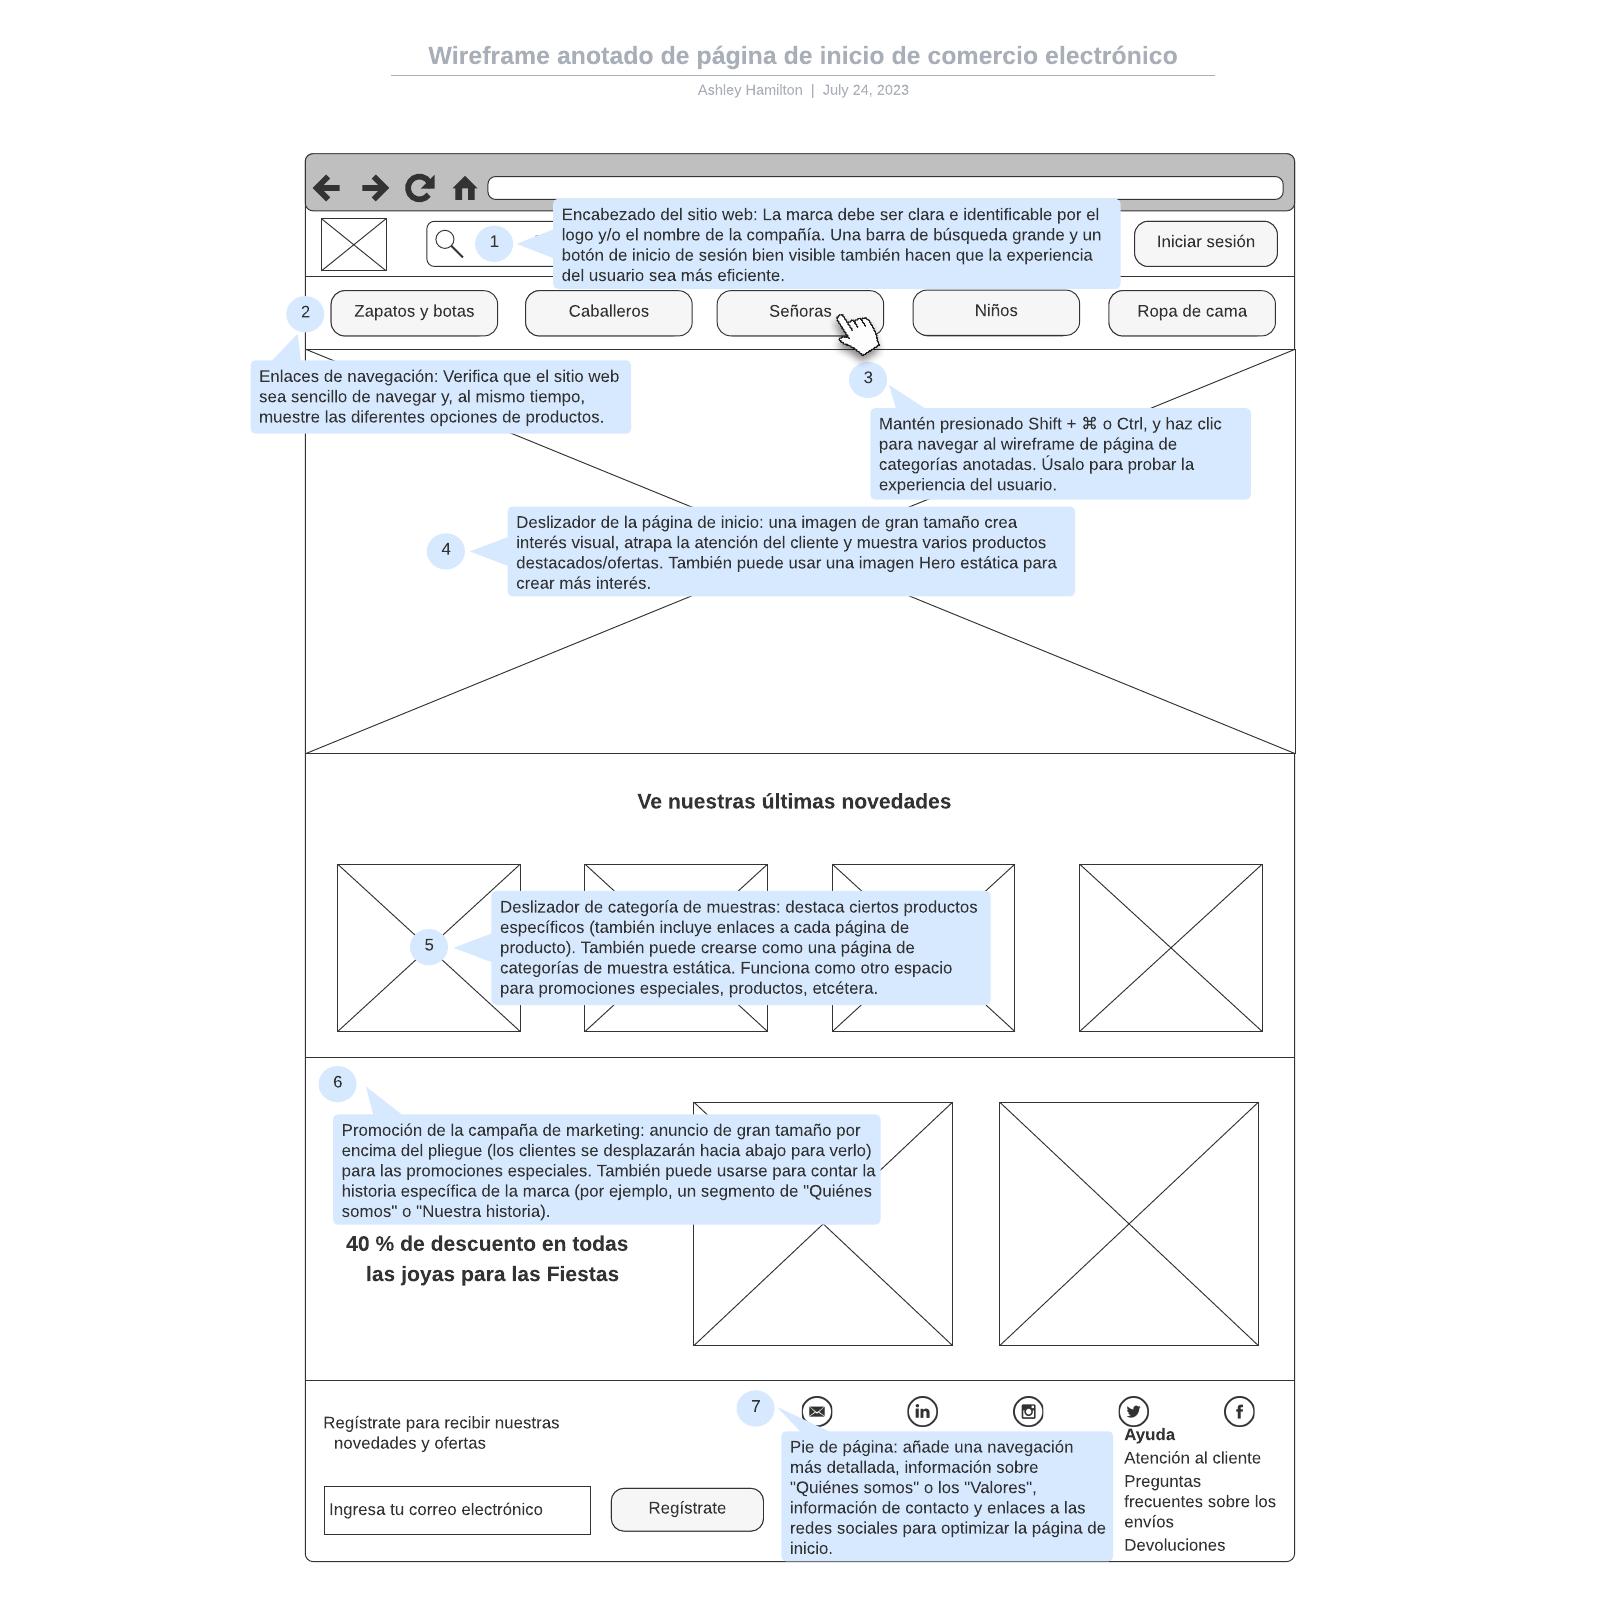 Wireframe anotado de página de inicio de comercio electrónico